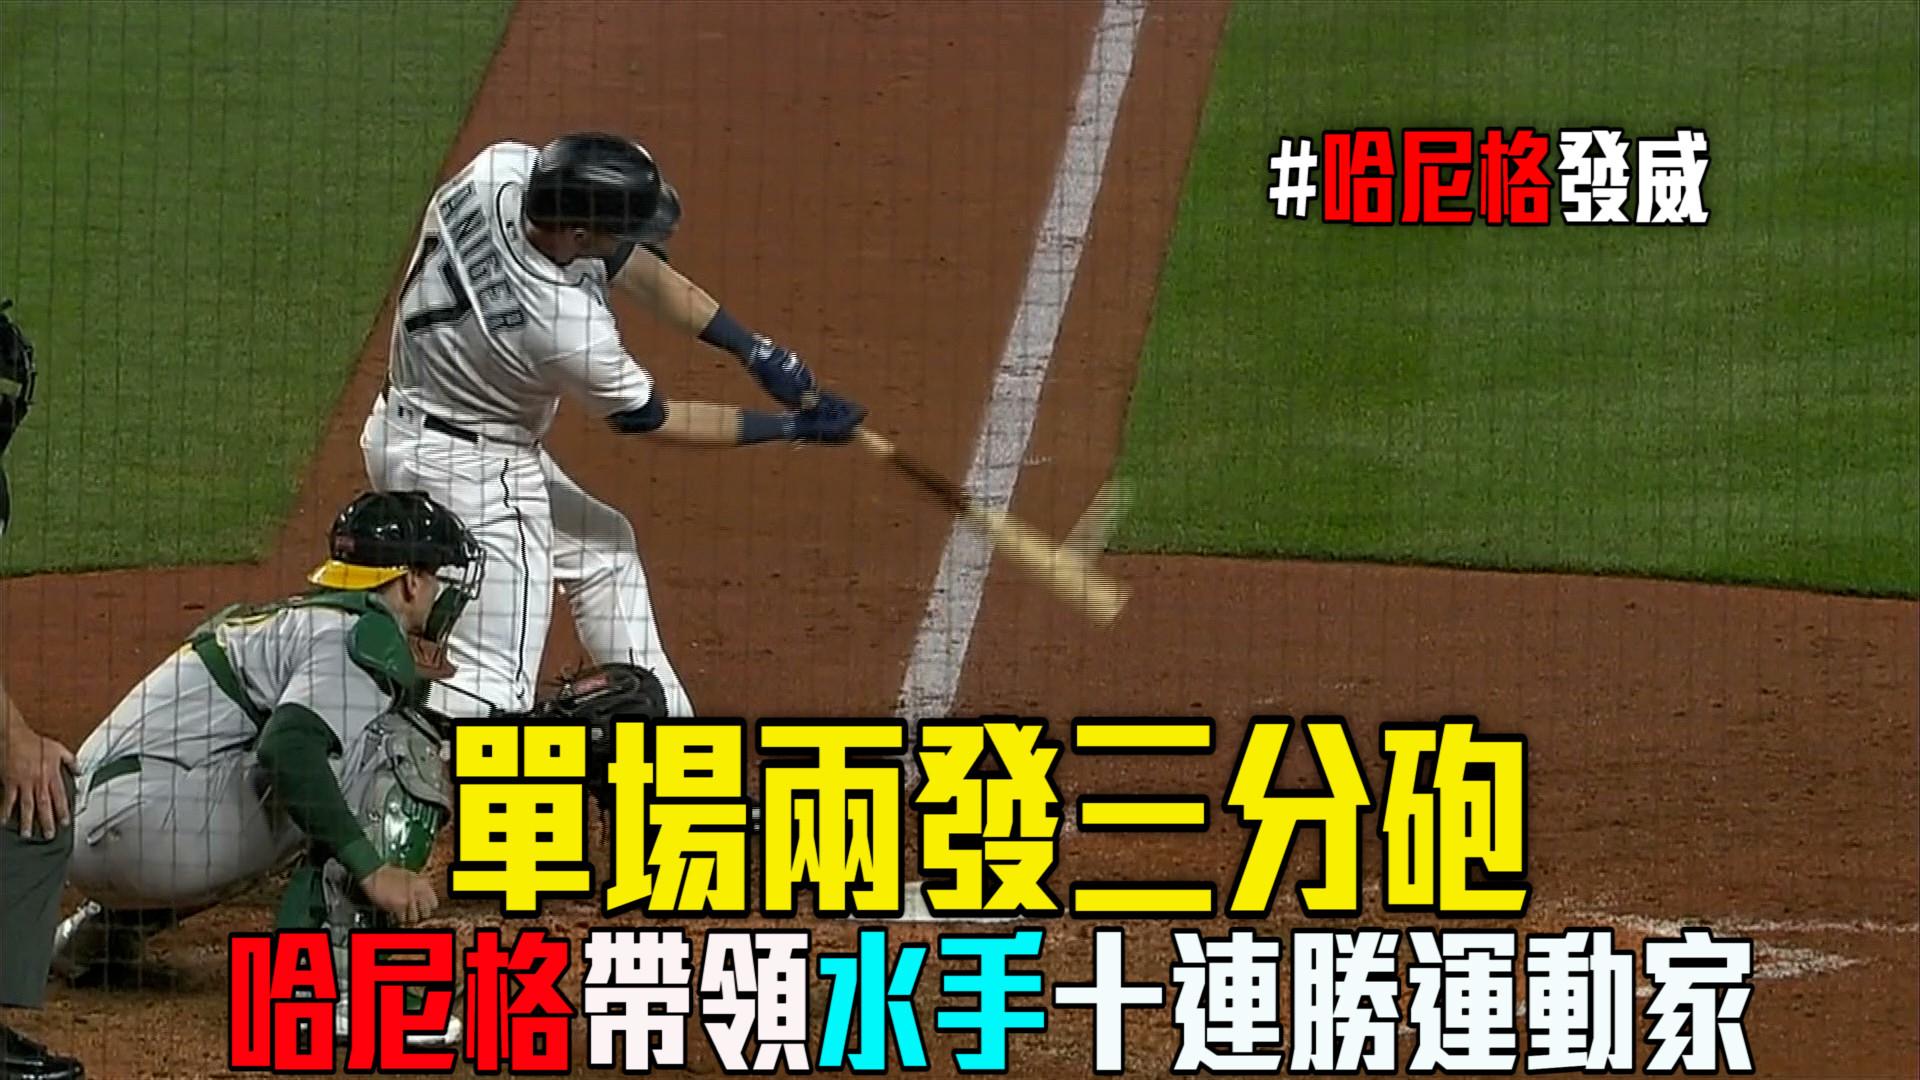 【MLB看愛爾達】哈尼格兩發三分砲 水手13:4宰運動家 9/28